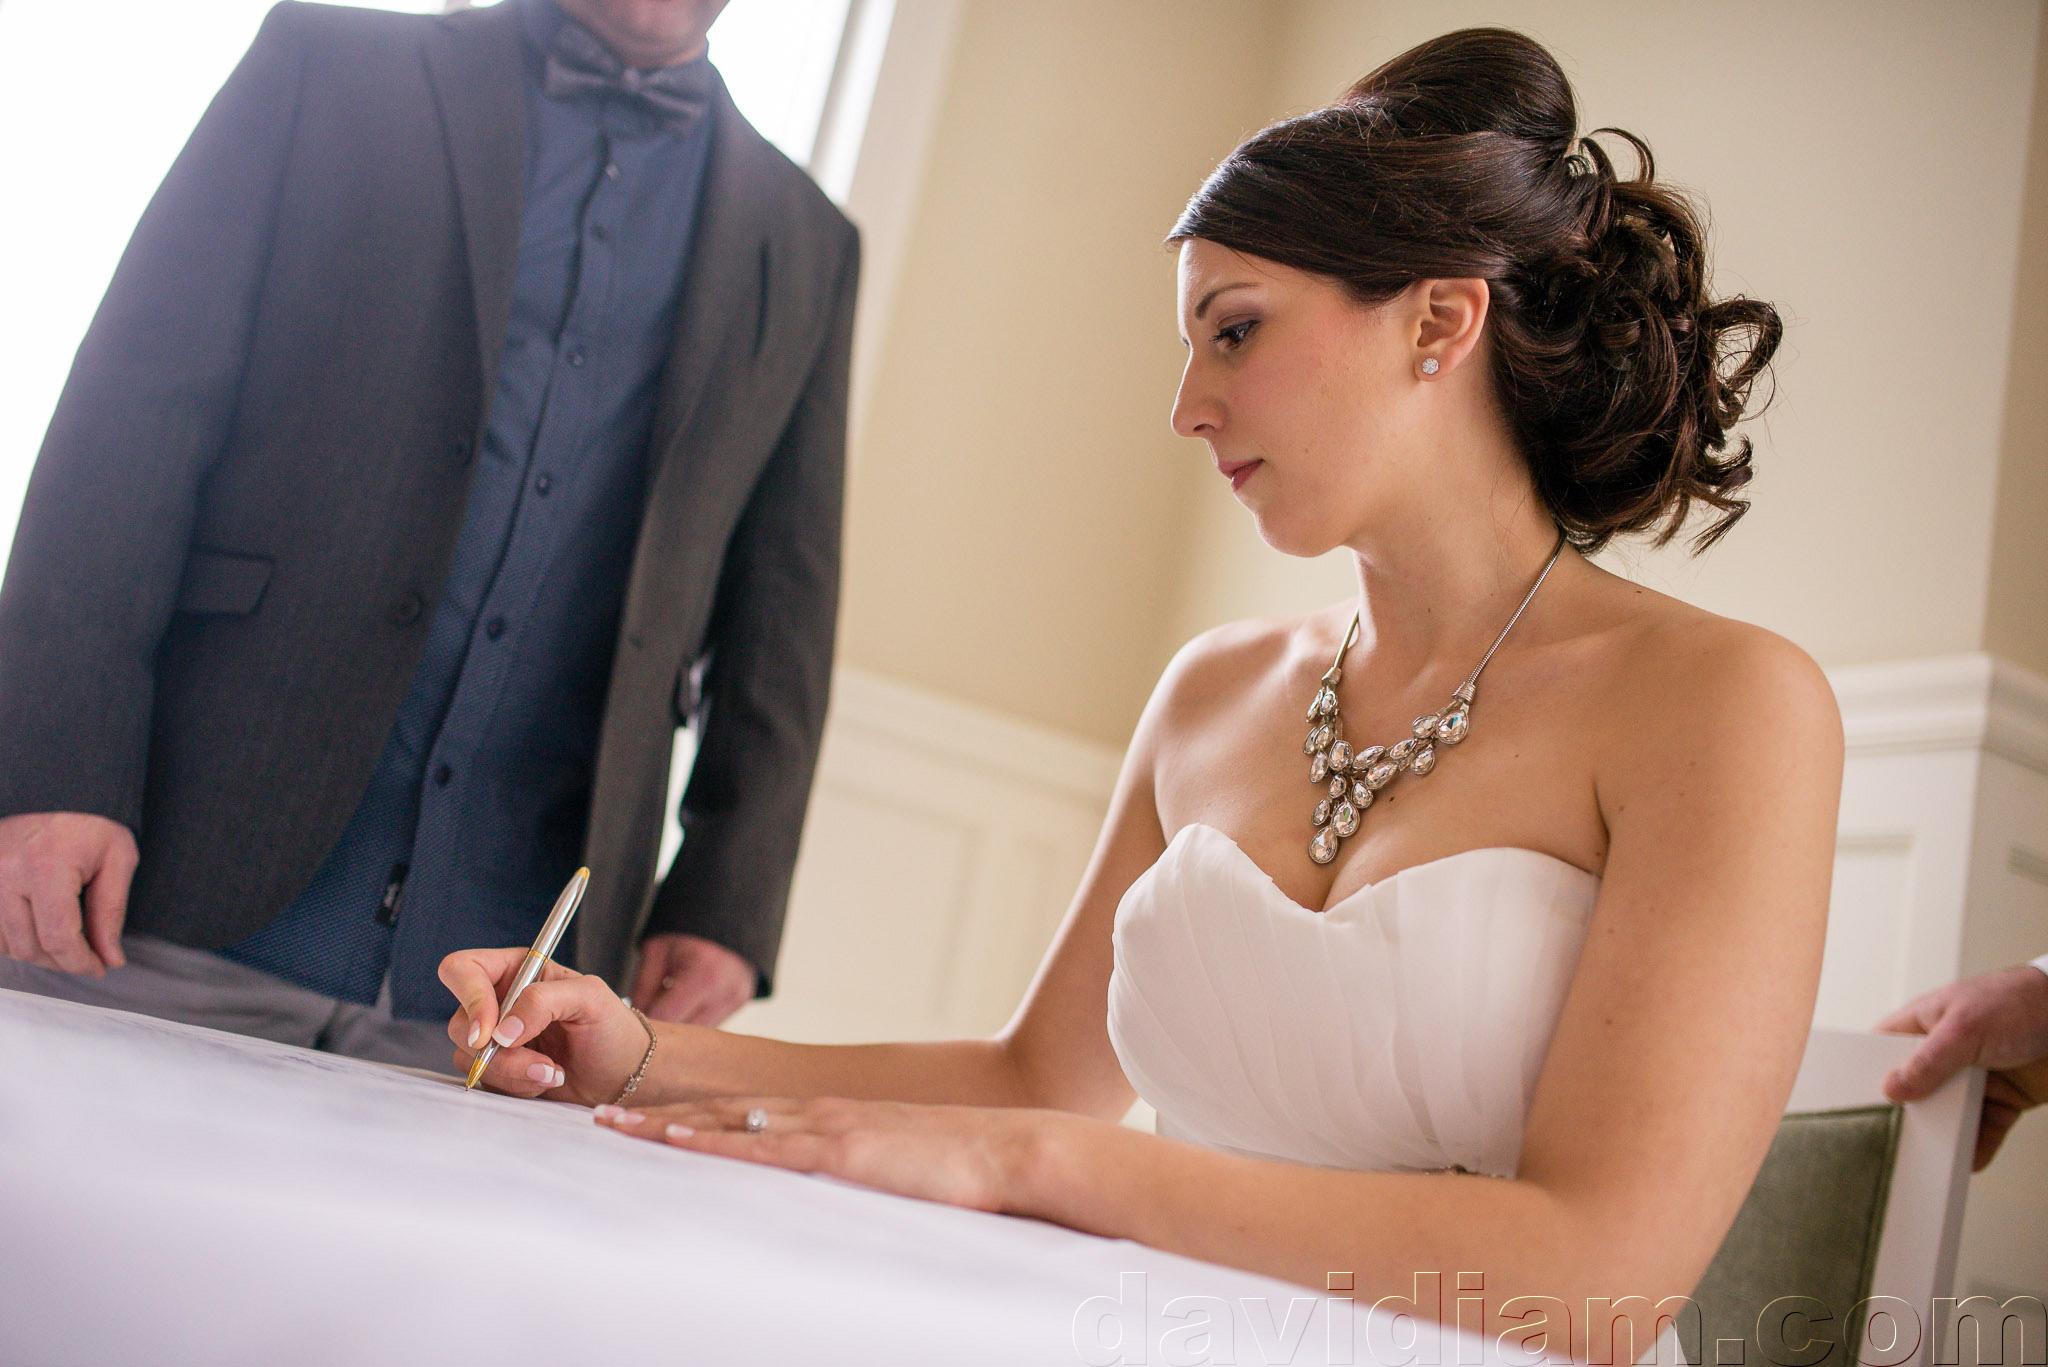 bruce-Hotel-Stratford-wedding-064.jpg